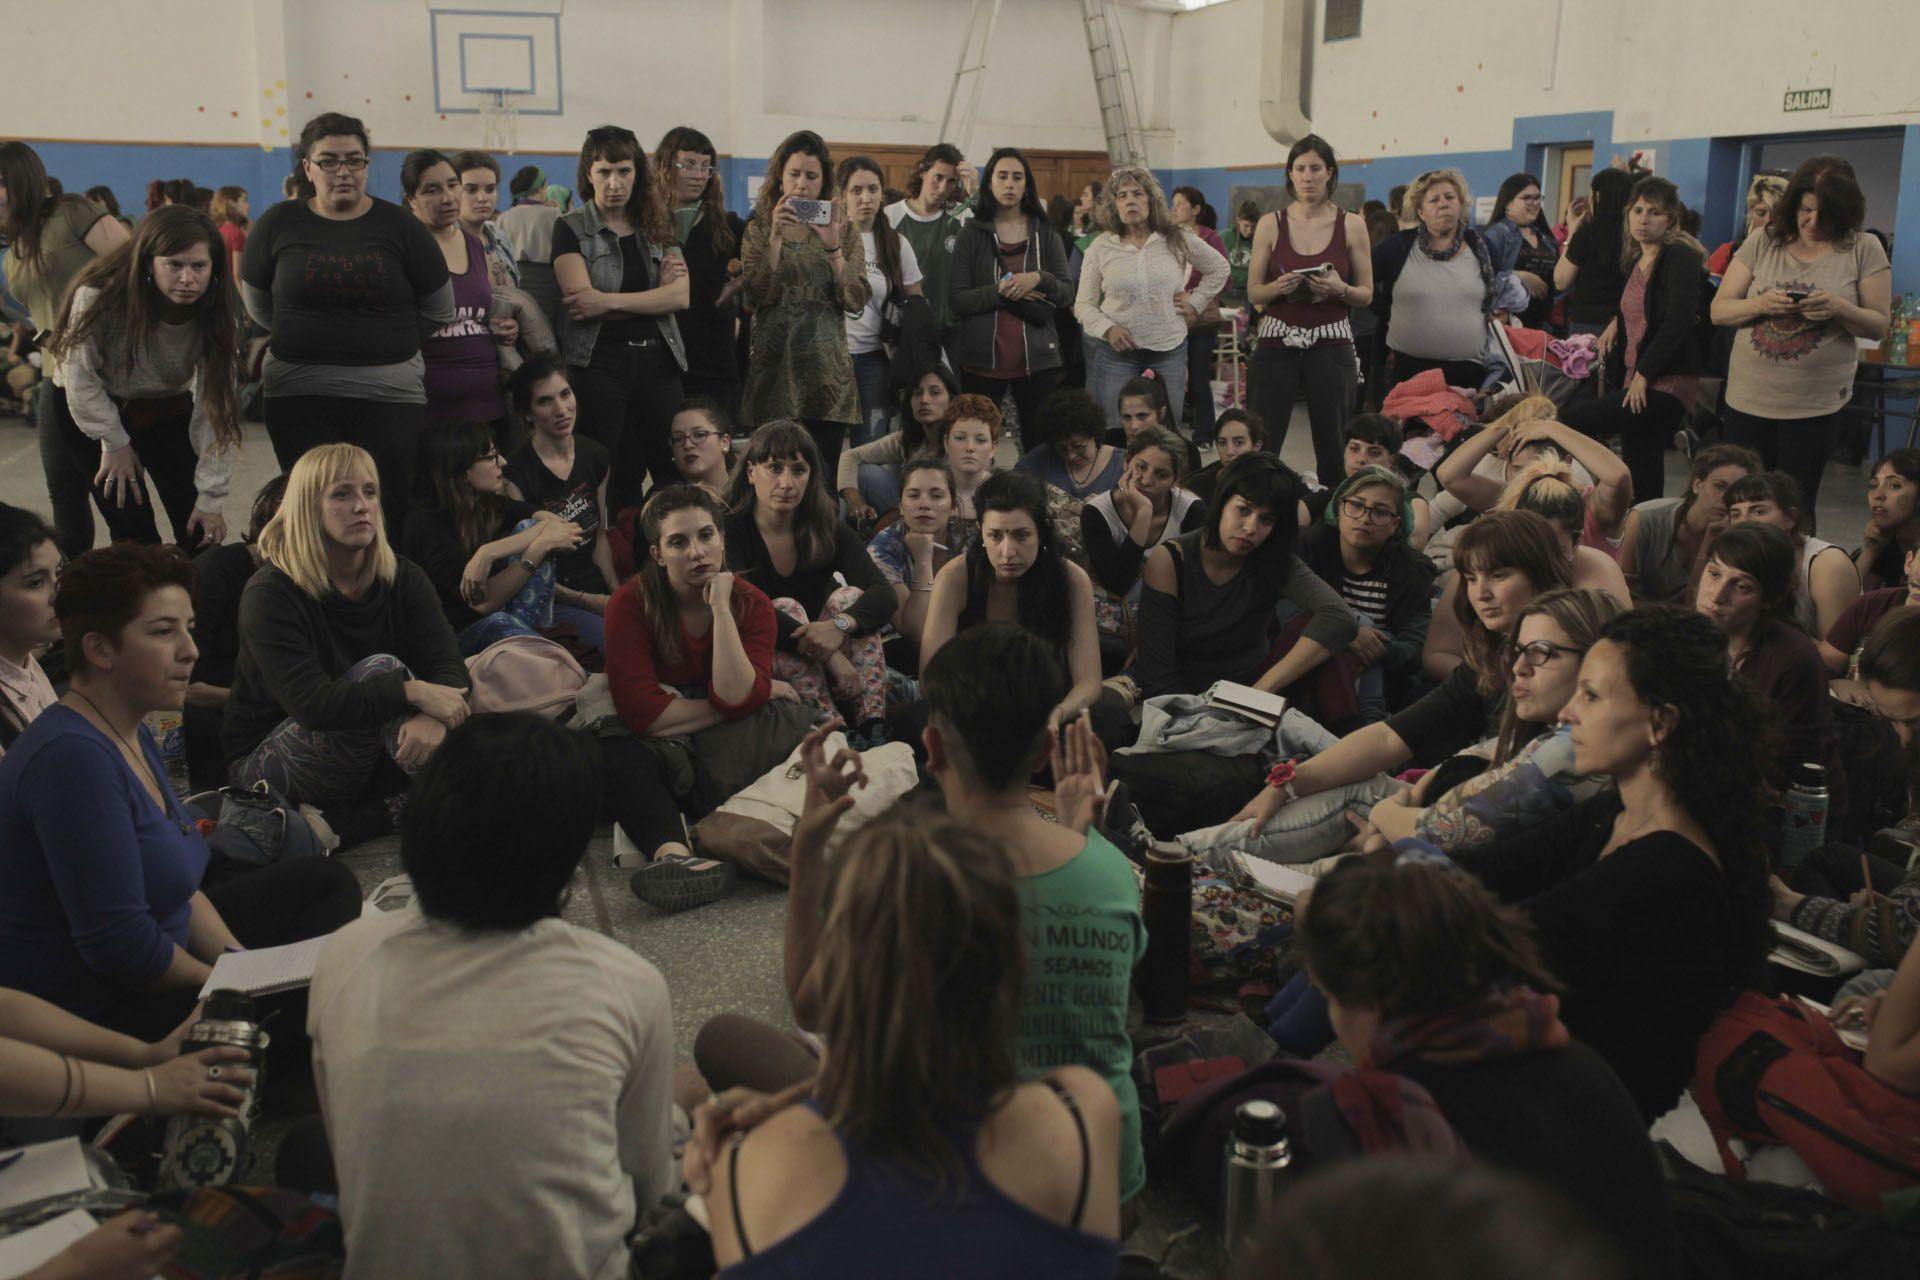 Los talleres se hacen en escuelas y centros culturales y son horizontales: con la palabra en igualdad de condiciones para todas